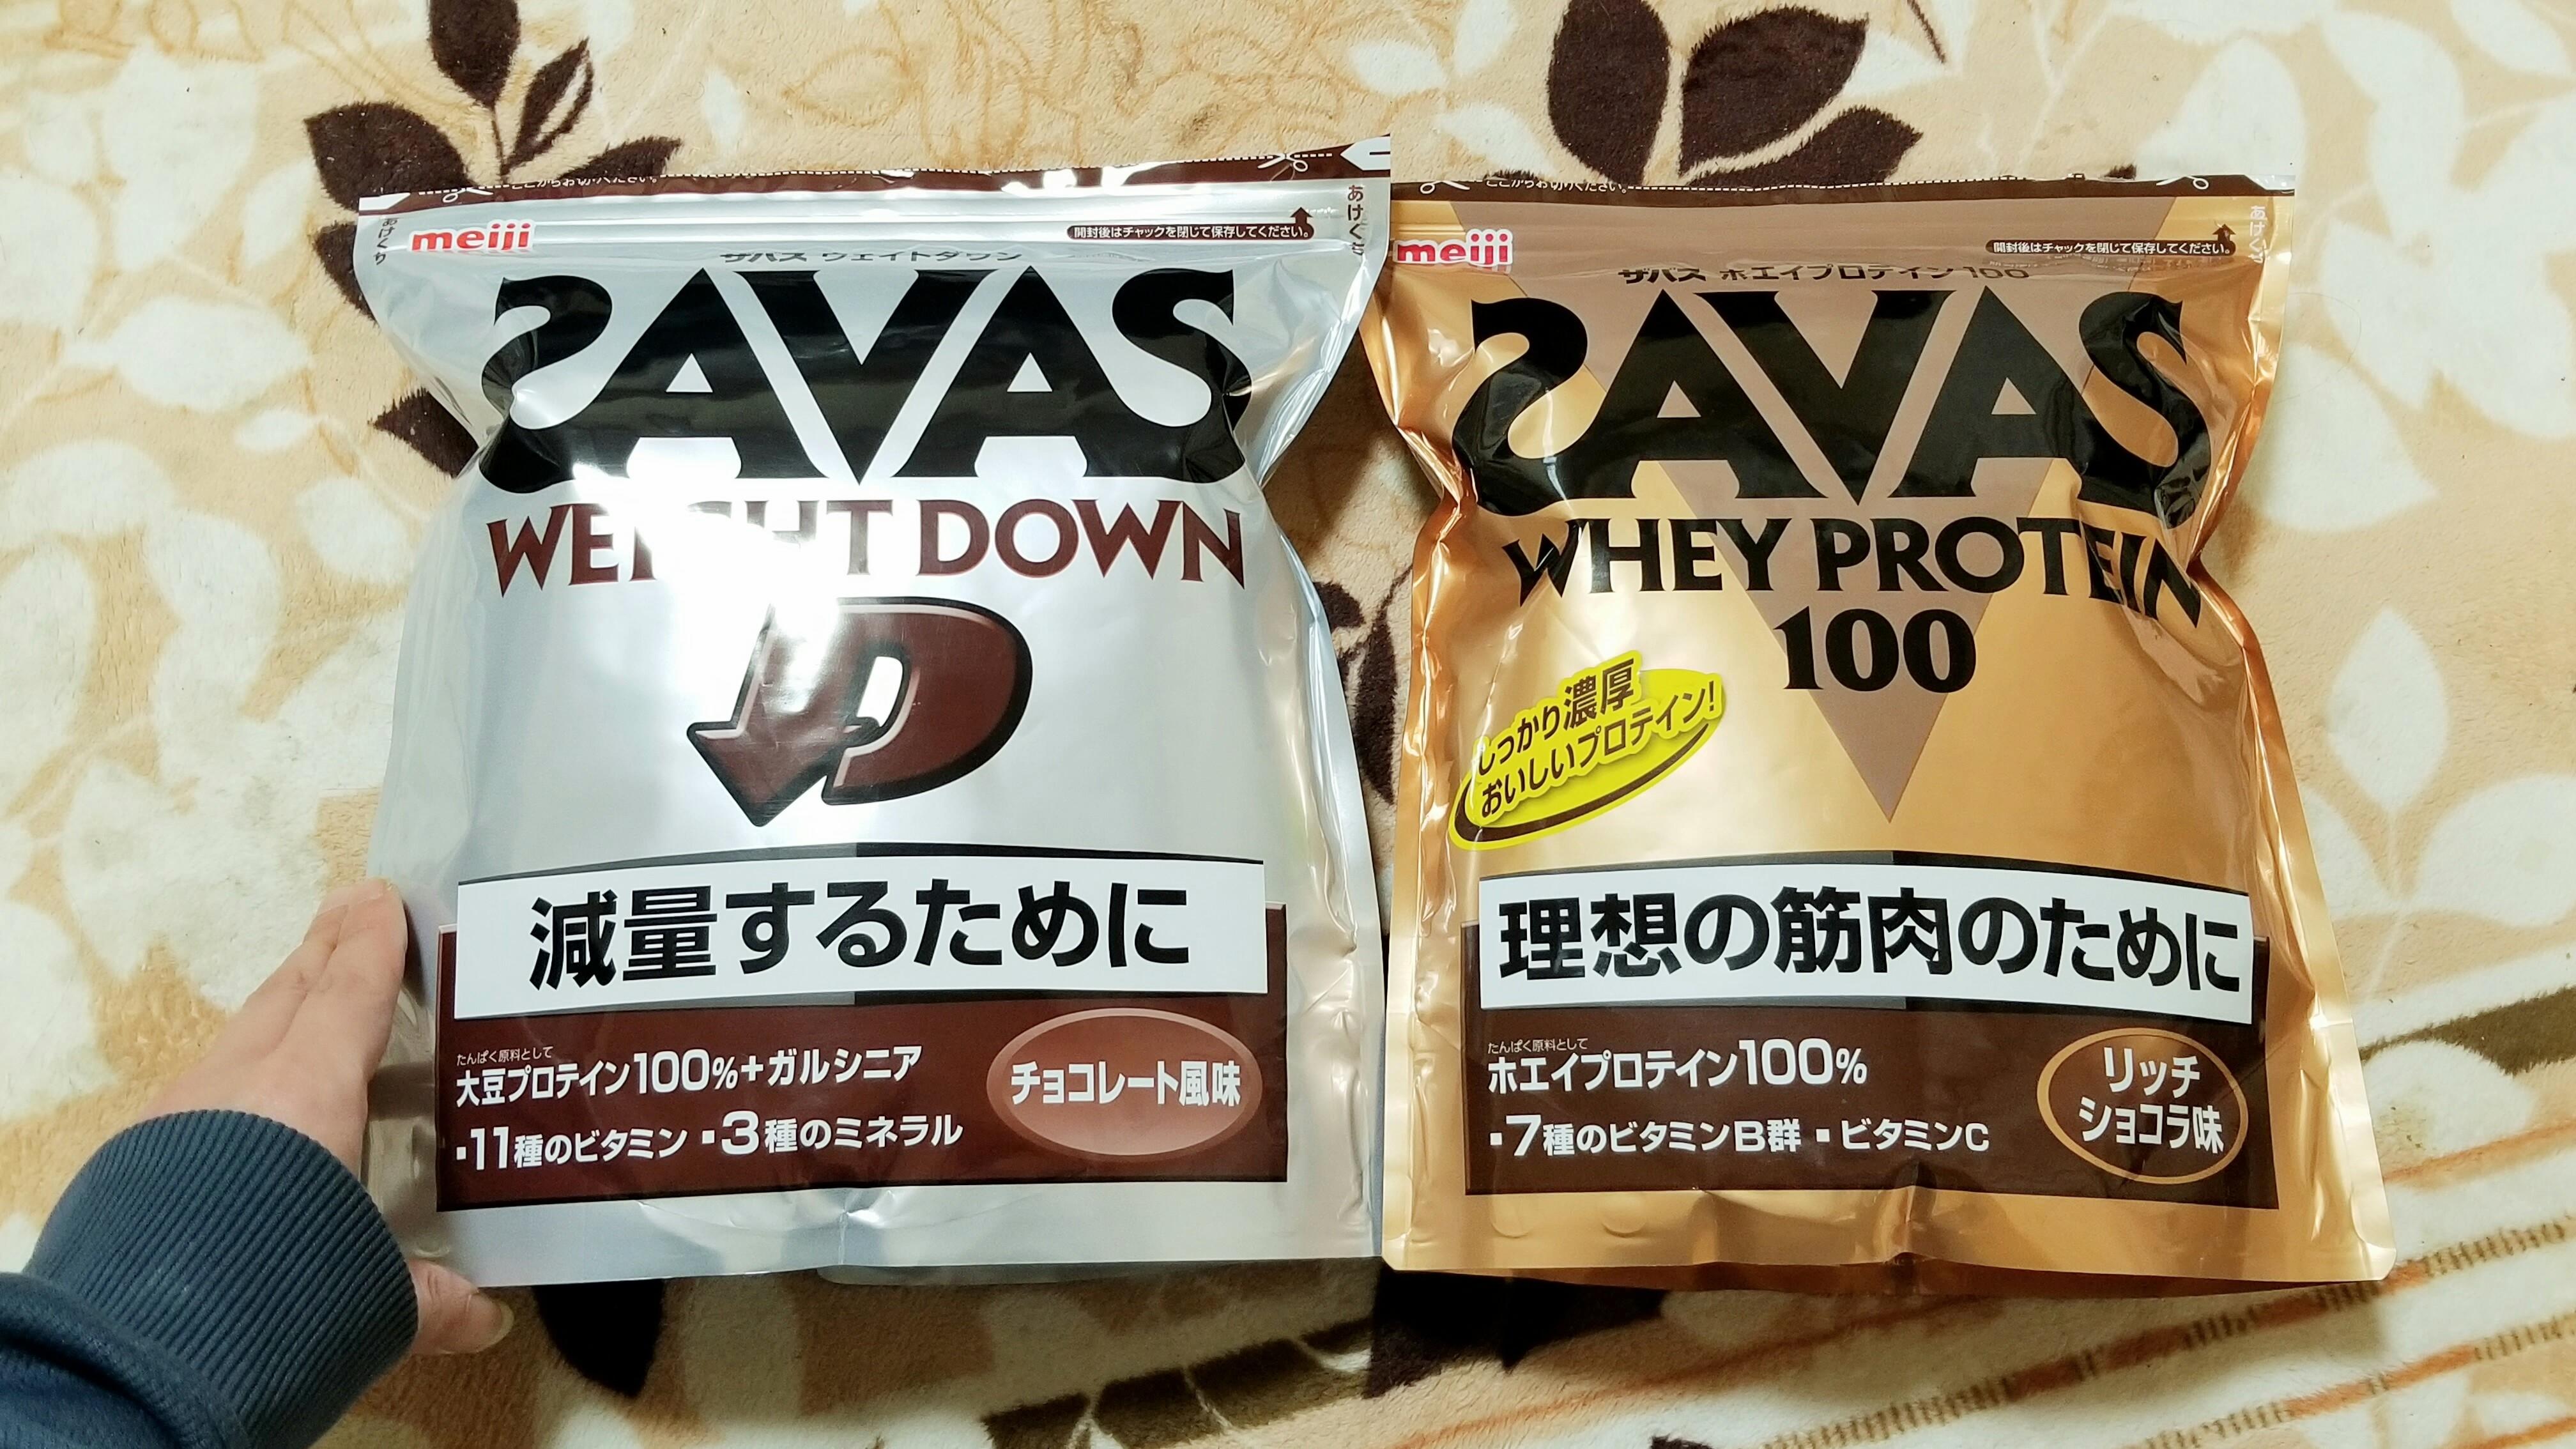 ザバスダイエットプロテイン飲みやすい美味しいチョココア味おすすめ